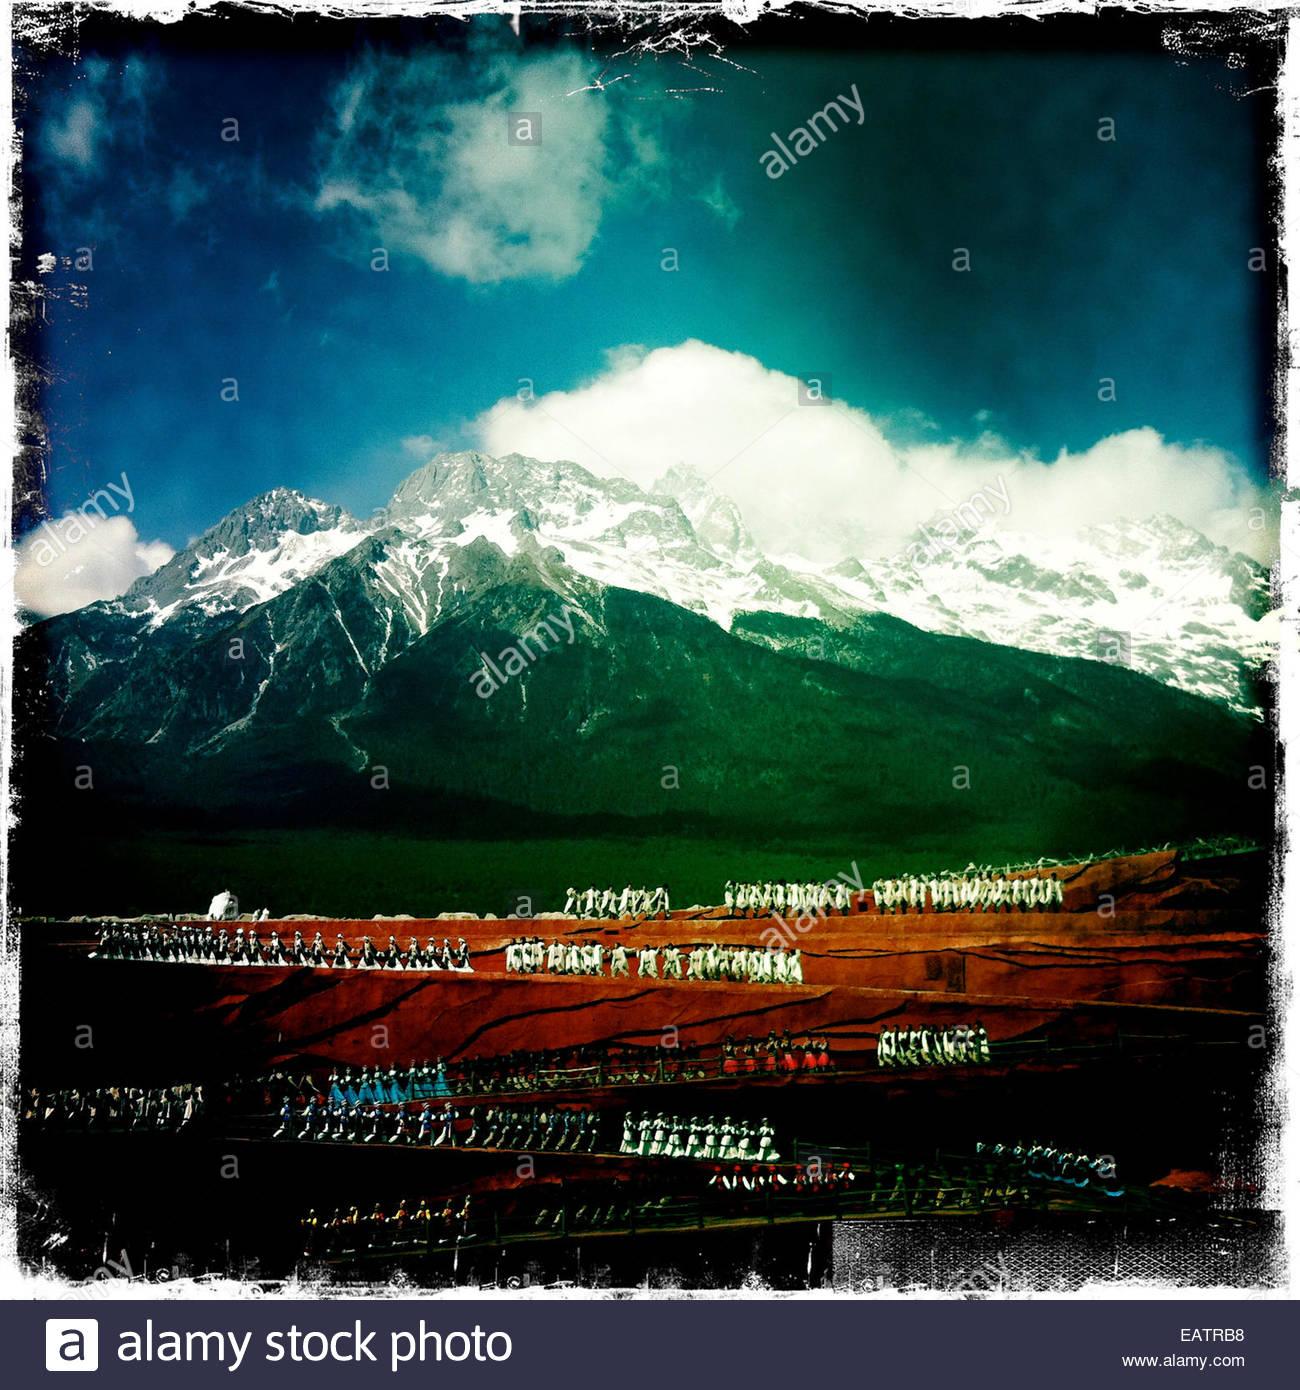 Plus de 500 personnes à effectuer l'impression Lijiang show. Photo Stock